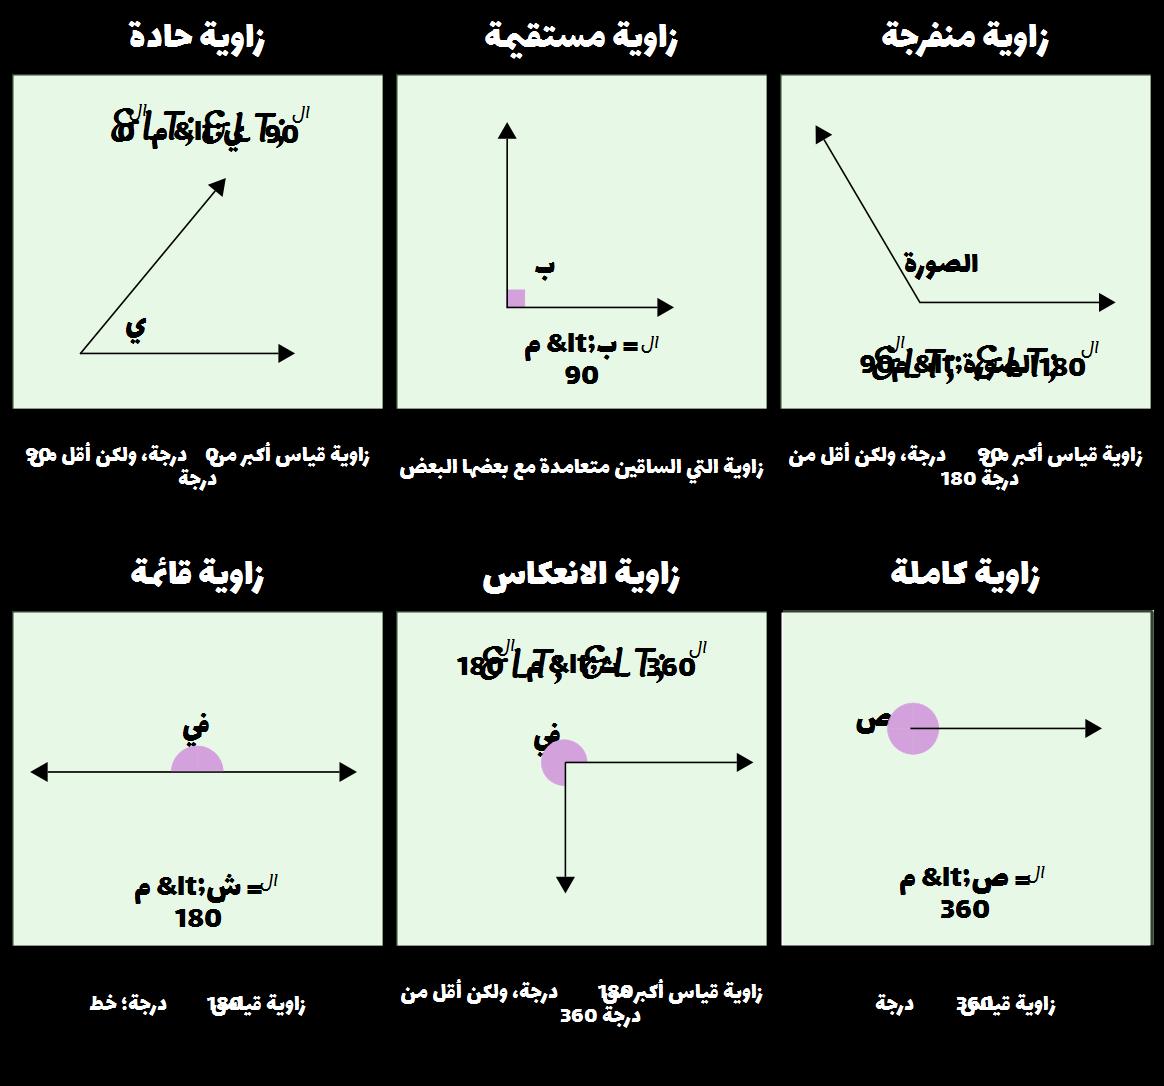 صورة انواع الزوايا , طريقة لمعرفة الزوايا